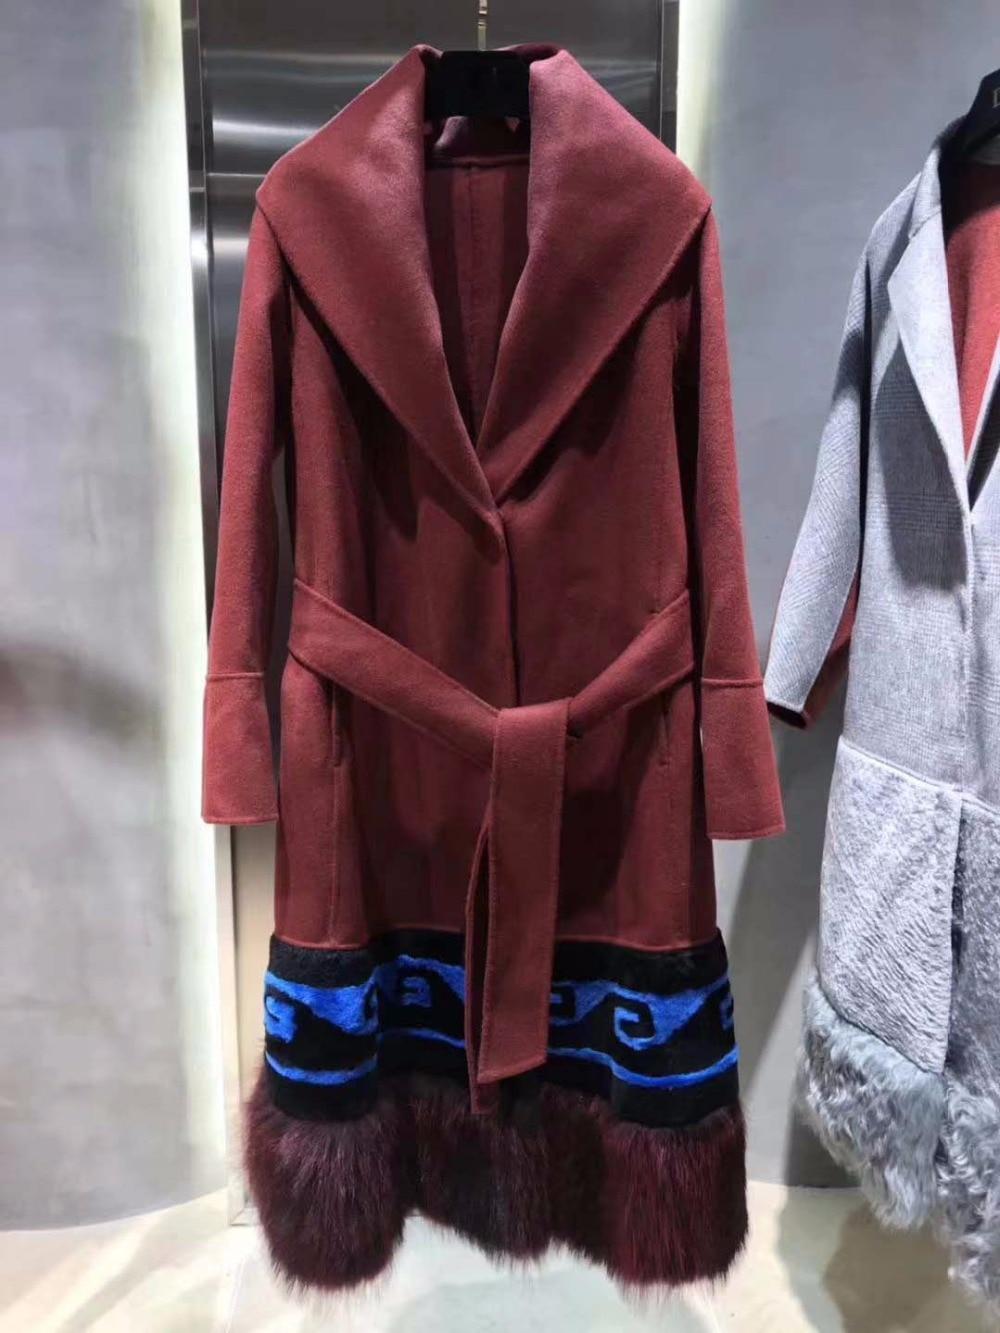 Doudoune Femme Inviemo Laine Femmes Mode Street Abrigos 2018 Manteau D'hiver Casaco High Feminino Mujer 7wWwZBqa1